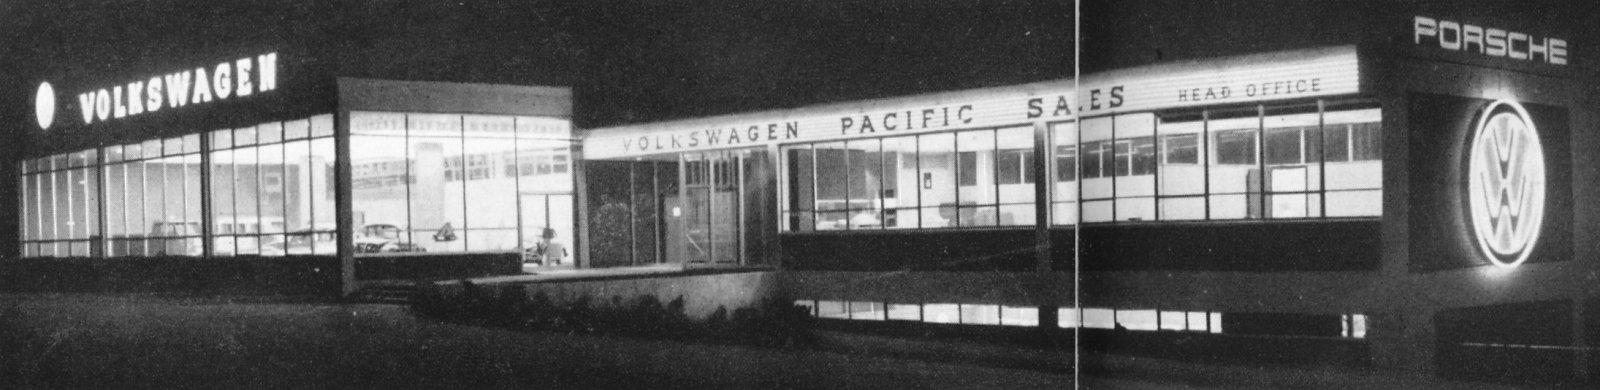 Thesamba Com Volkswagen Pacific Sales Ltd